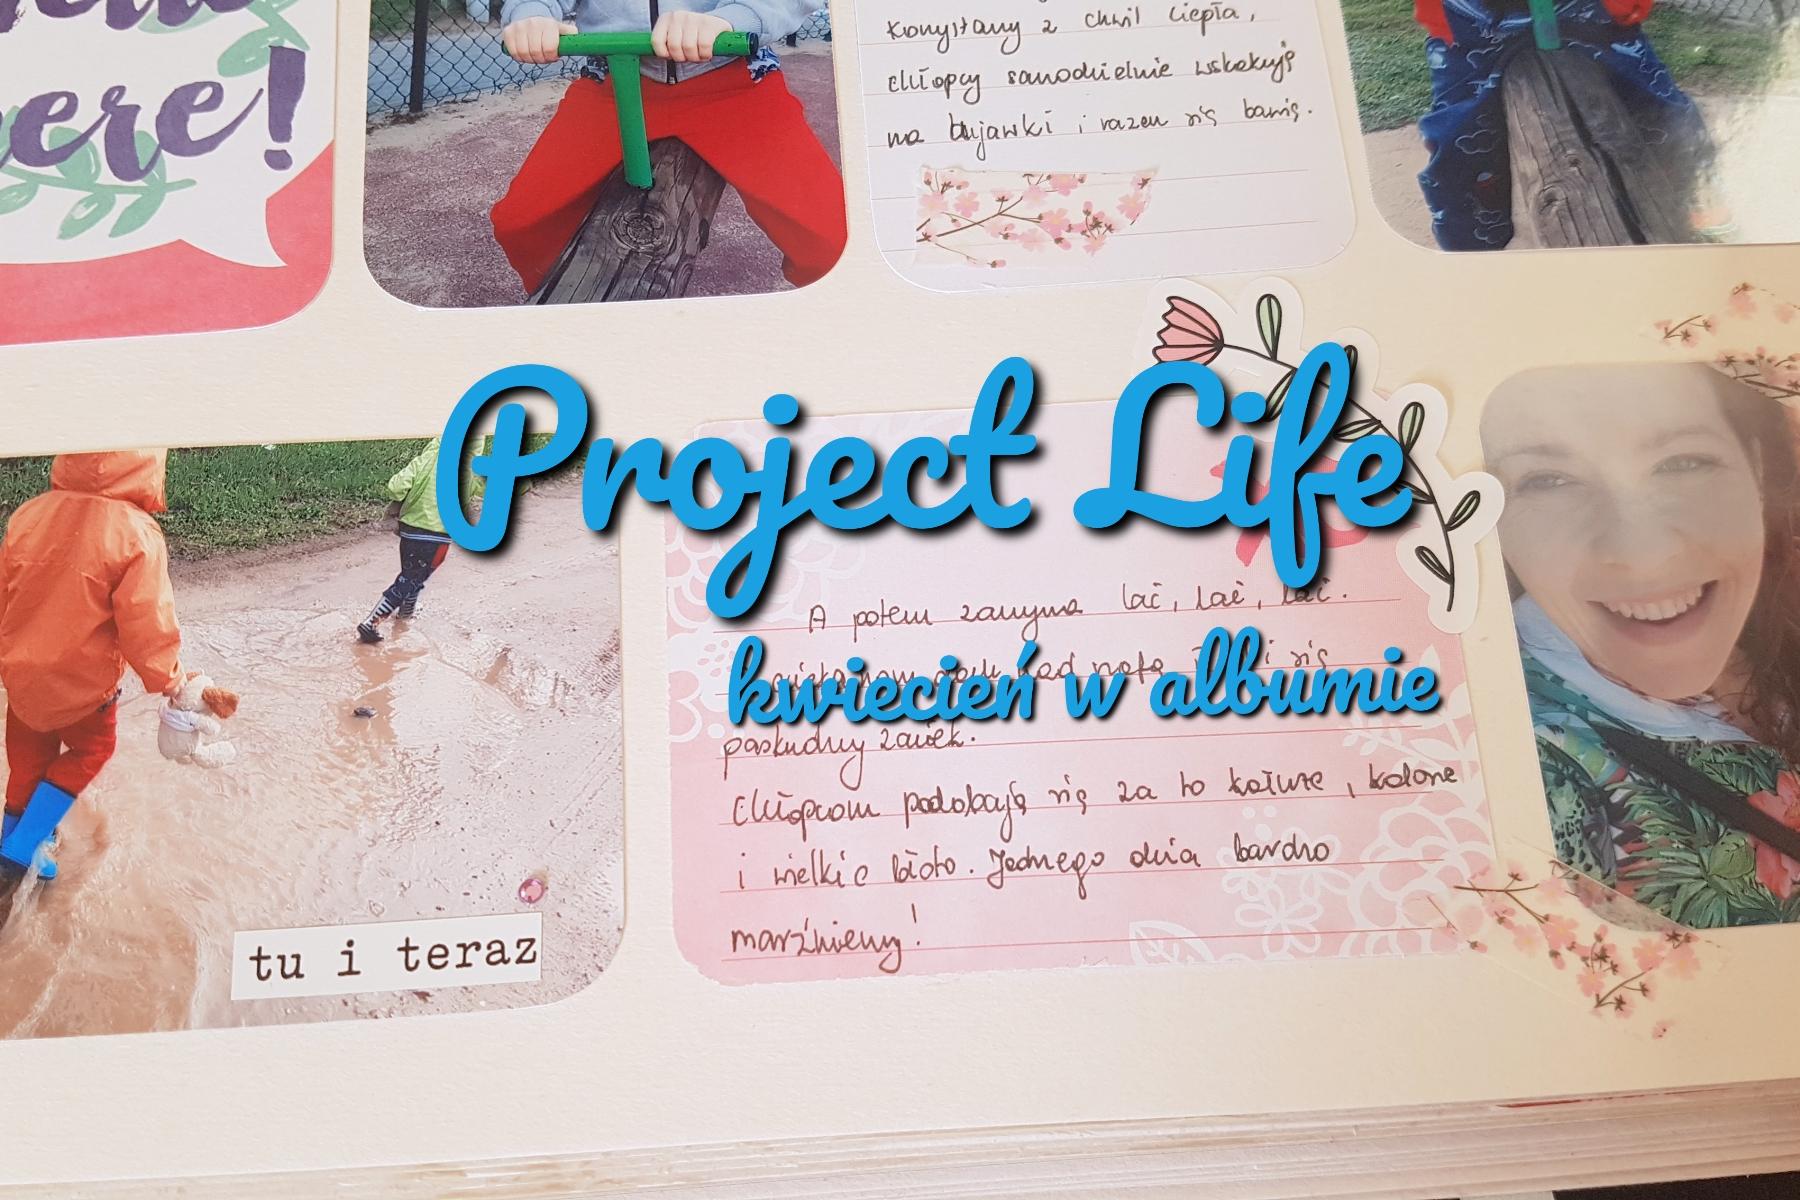 Project Life kwiecień w albumie